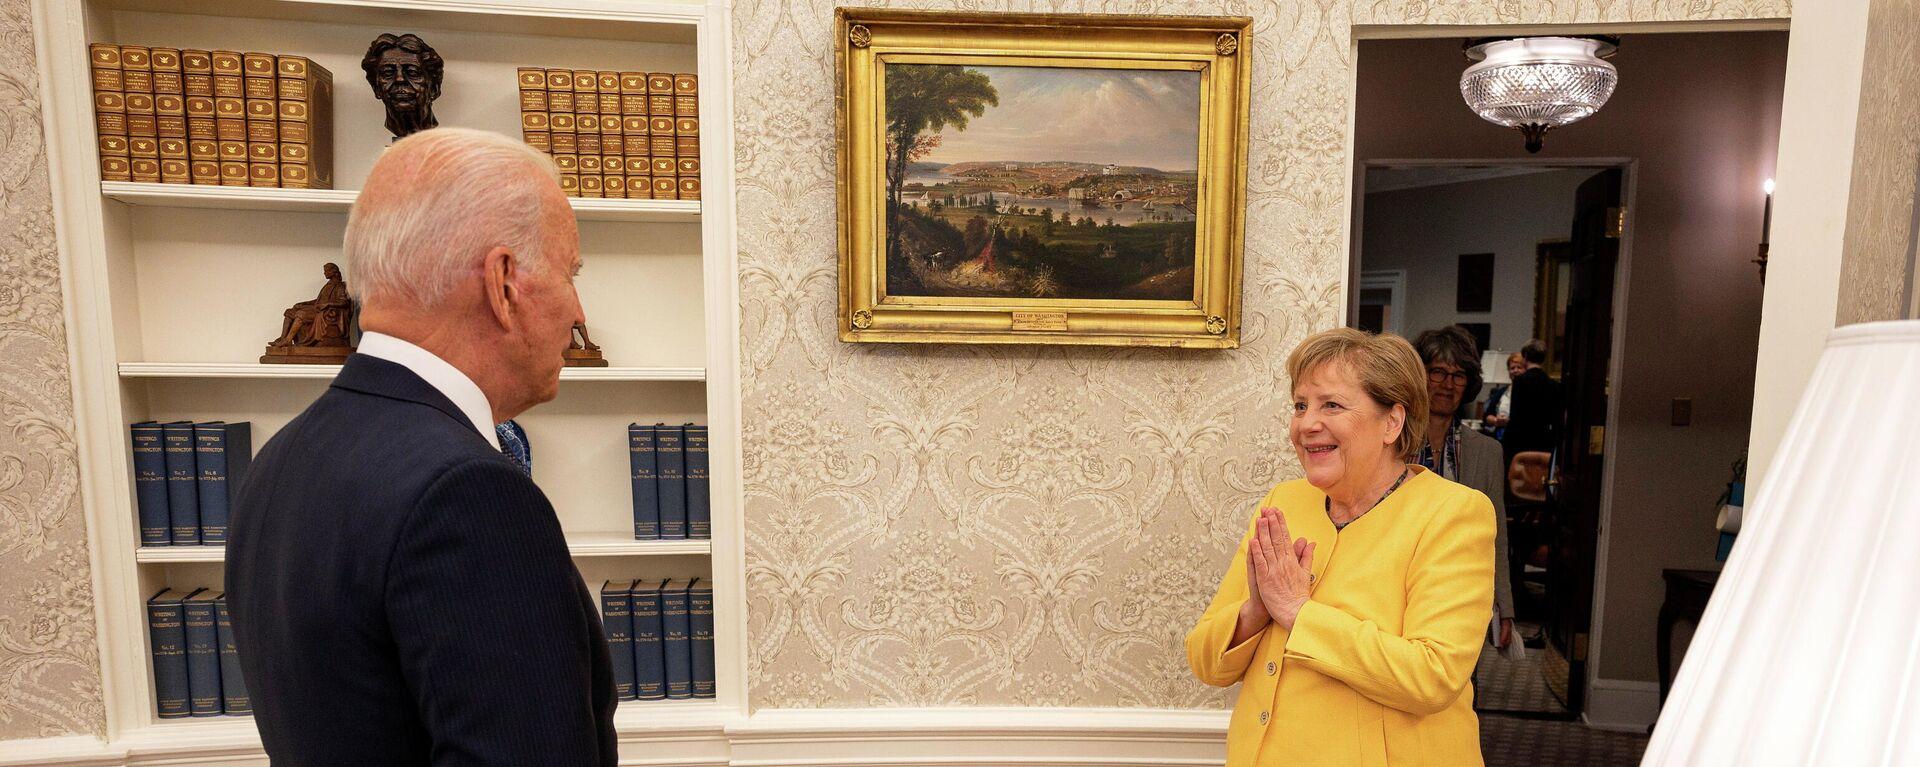 US-Präsident Joe Biden begrüßt Bundeskanzlerin Angela Merkel am 15. Juli 2021 im Weißen Haus in Washington. - SNA, 1920, 17.07.2021